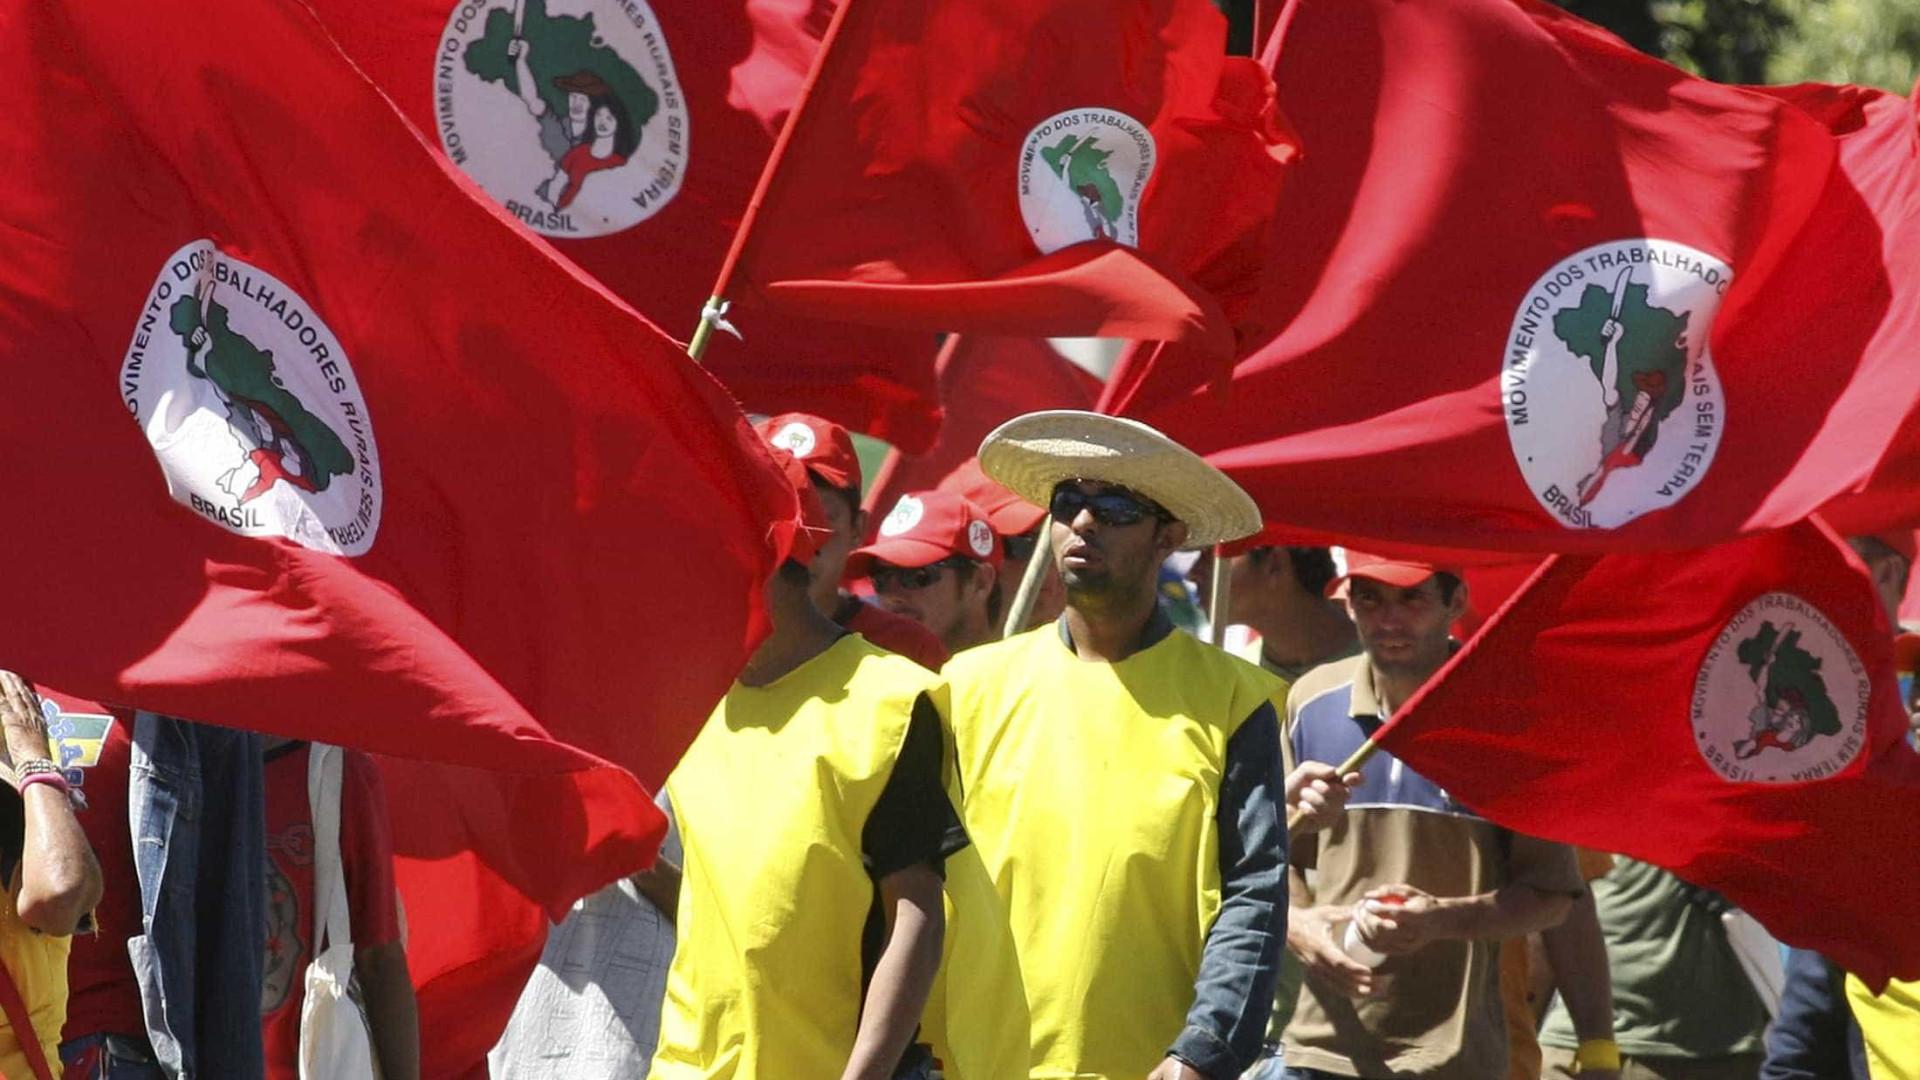 Para juristas, decreto abre brecha até para armar maioria do MST